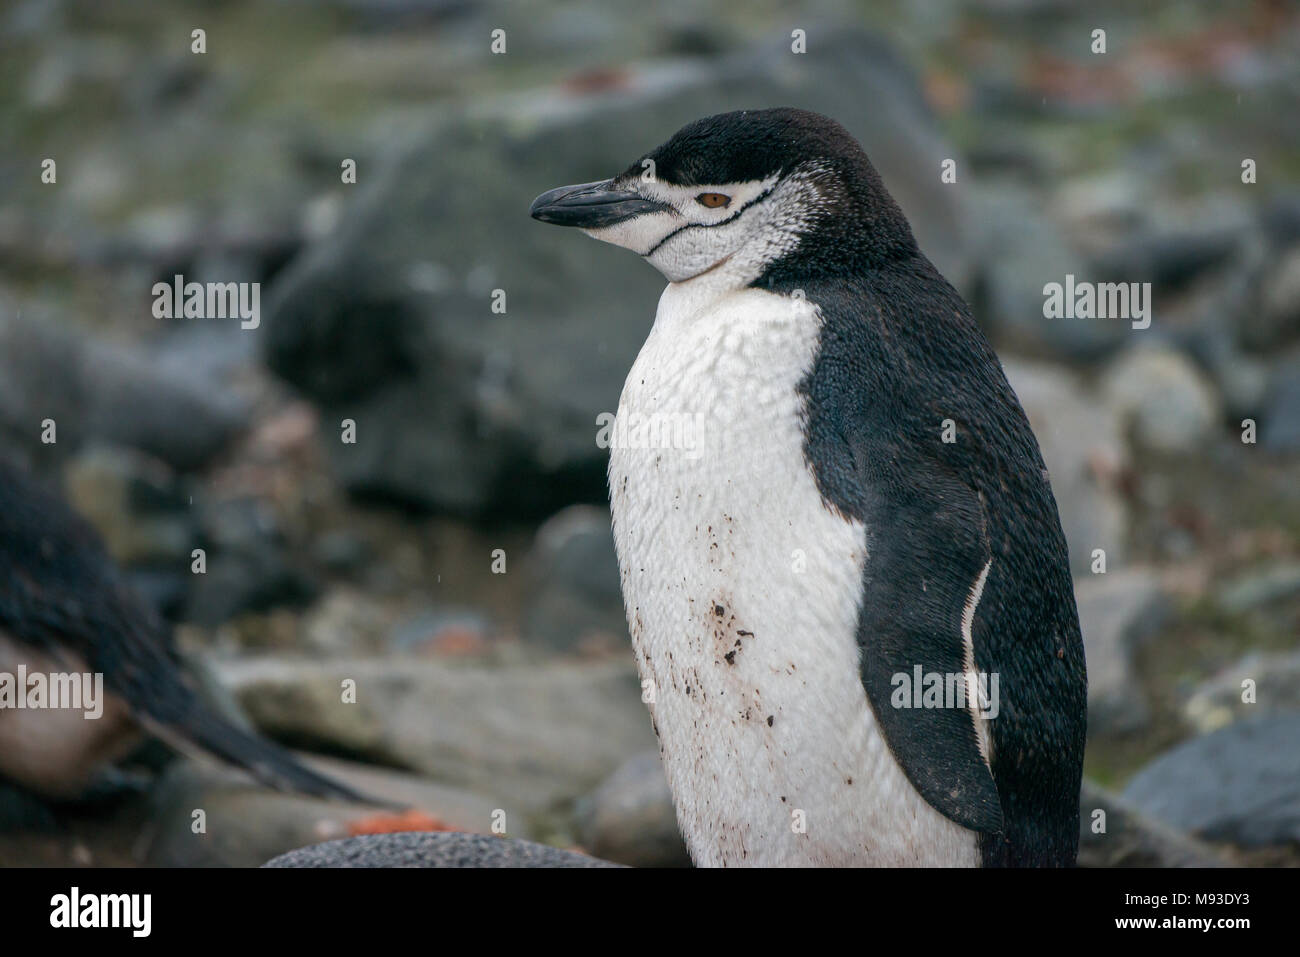 Un manchot à Jugulaire (Pygoscelis antarcticus) sur une île de la demi-lune dans l'Antarctique Photo Stock